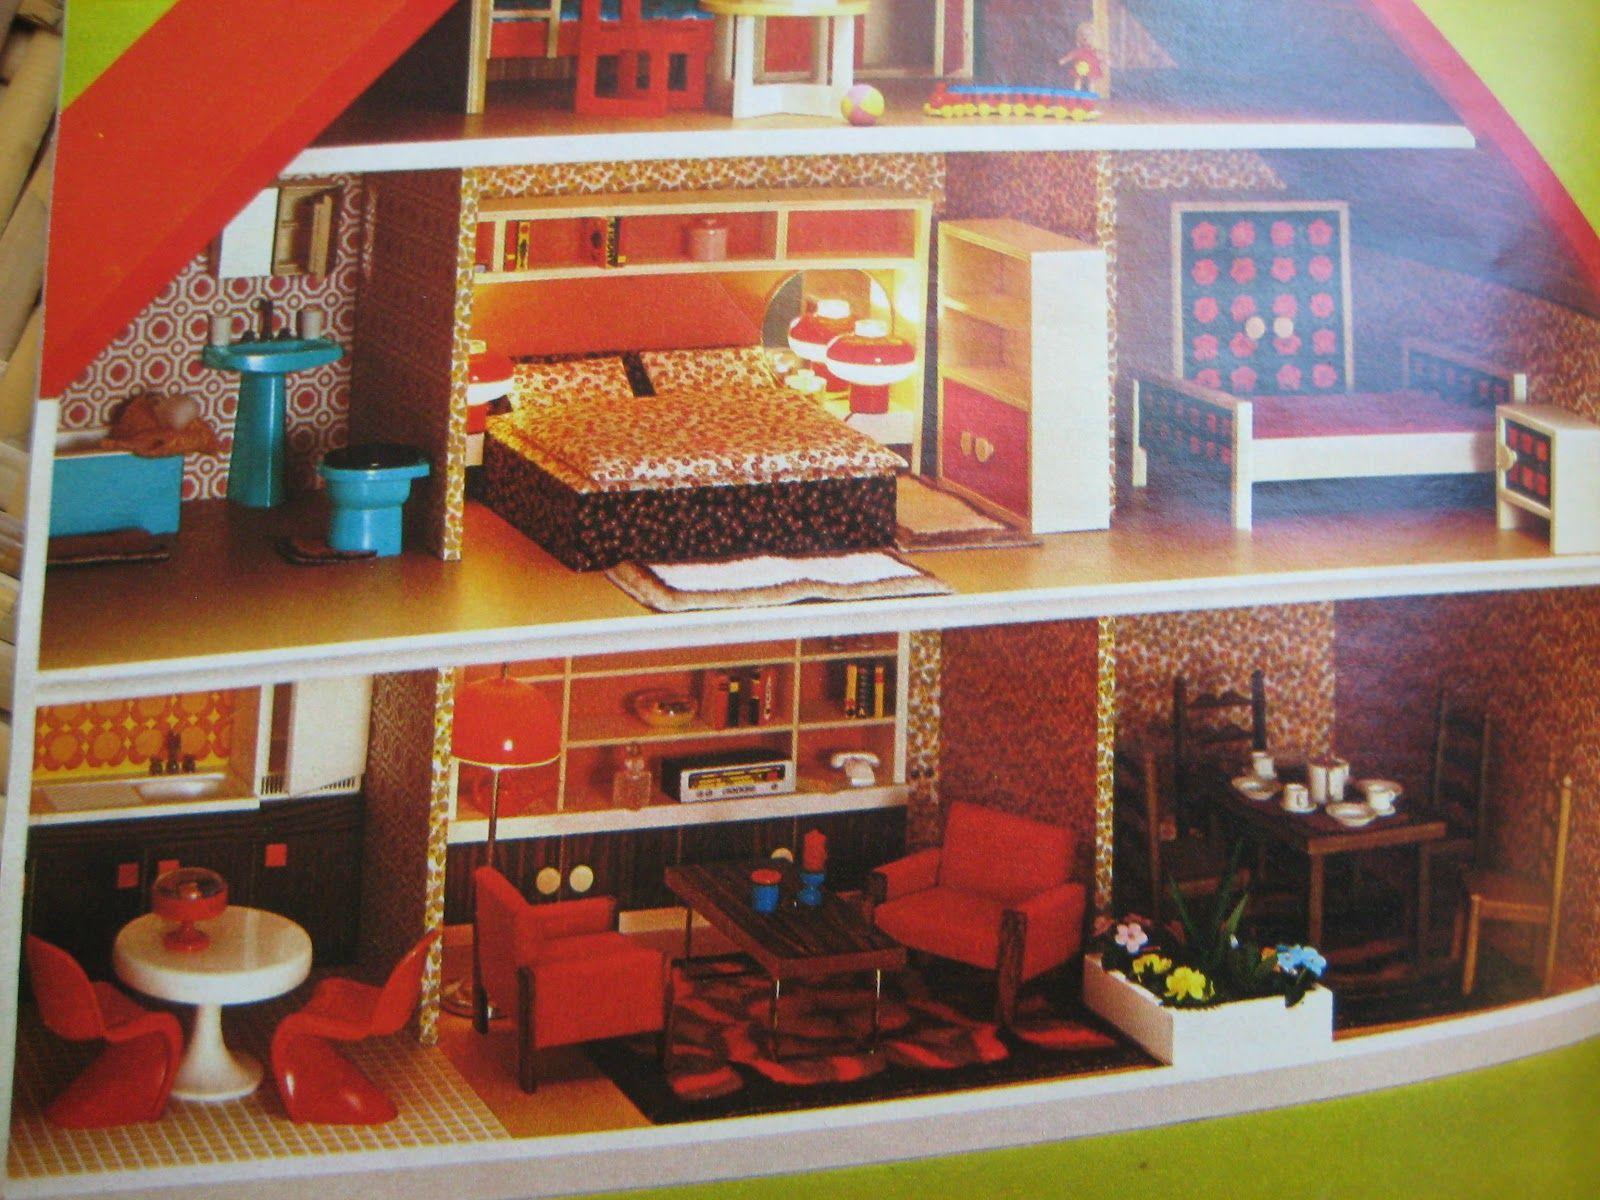 Französische Betten der 70er Bodo Hennig Divan beds of